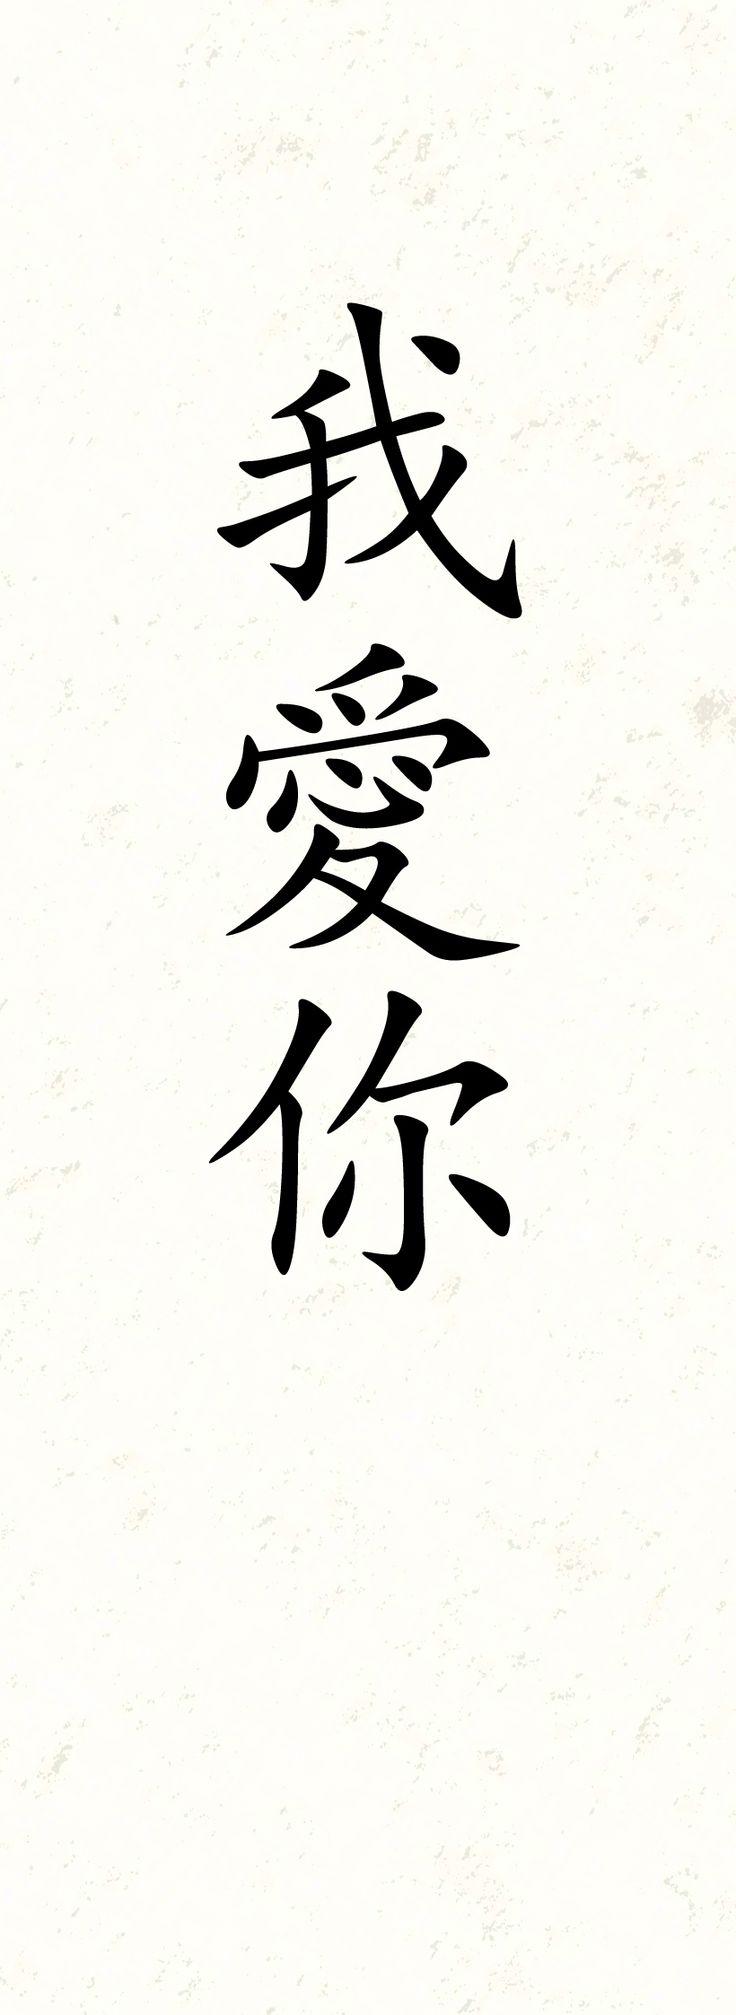 """我爱你 """"I love you"""" For a particular someone out there."""